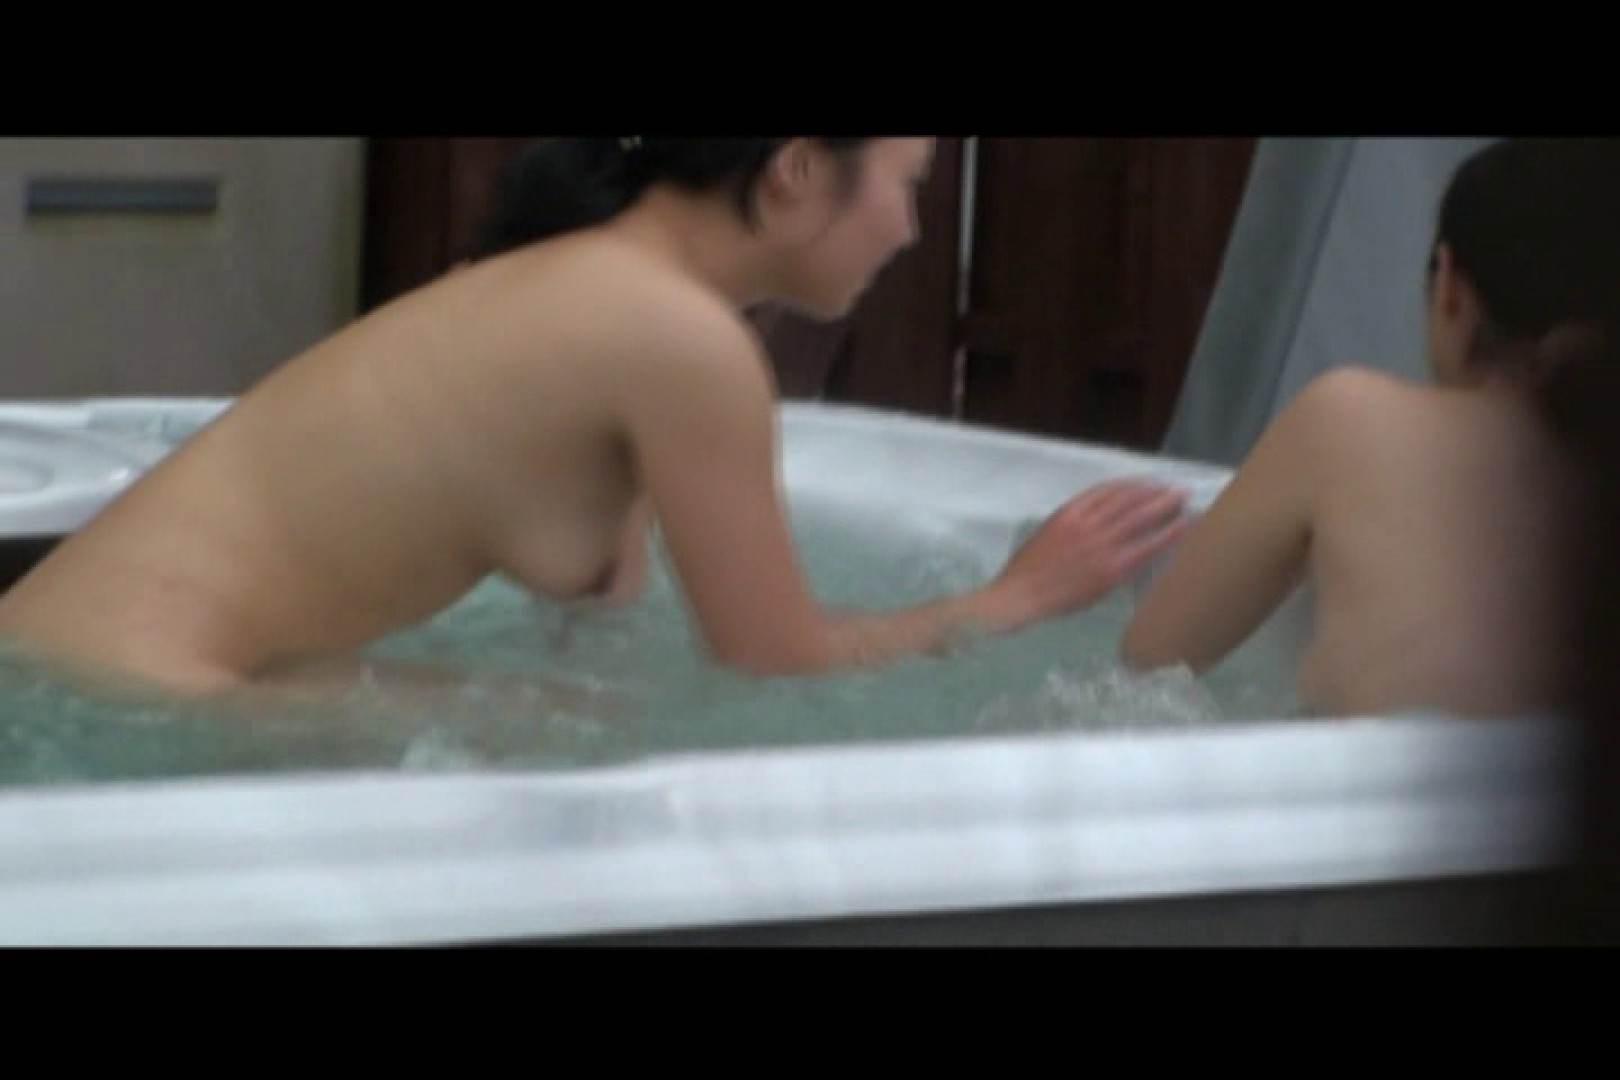 貸切露天 発情カップル! vol.07 カップルDEイチャイチャ  92連発 45